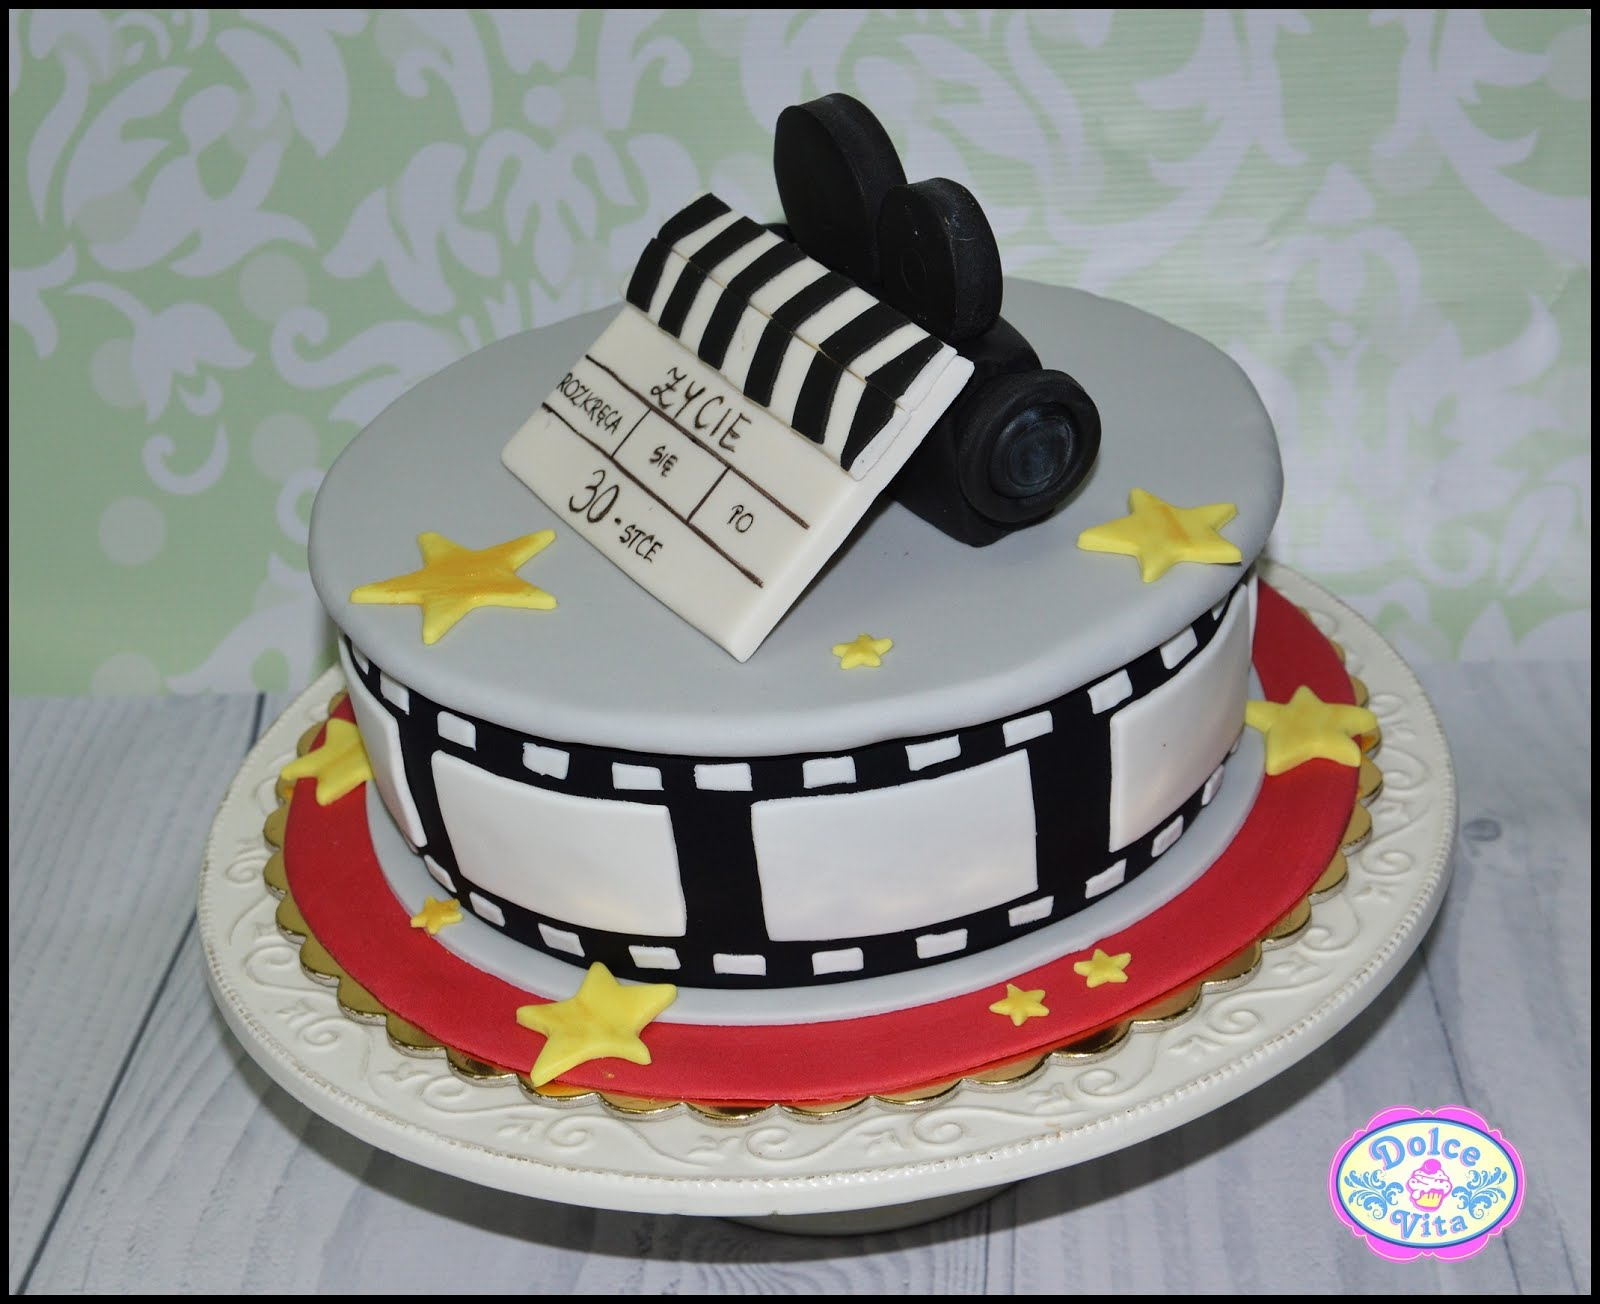 Dolce Vita żeby życie Było Słodkie Tort Urodzinowy Dla